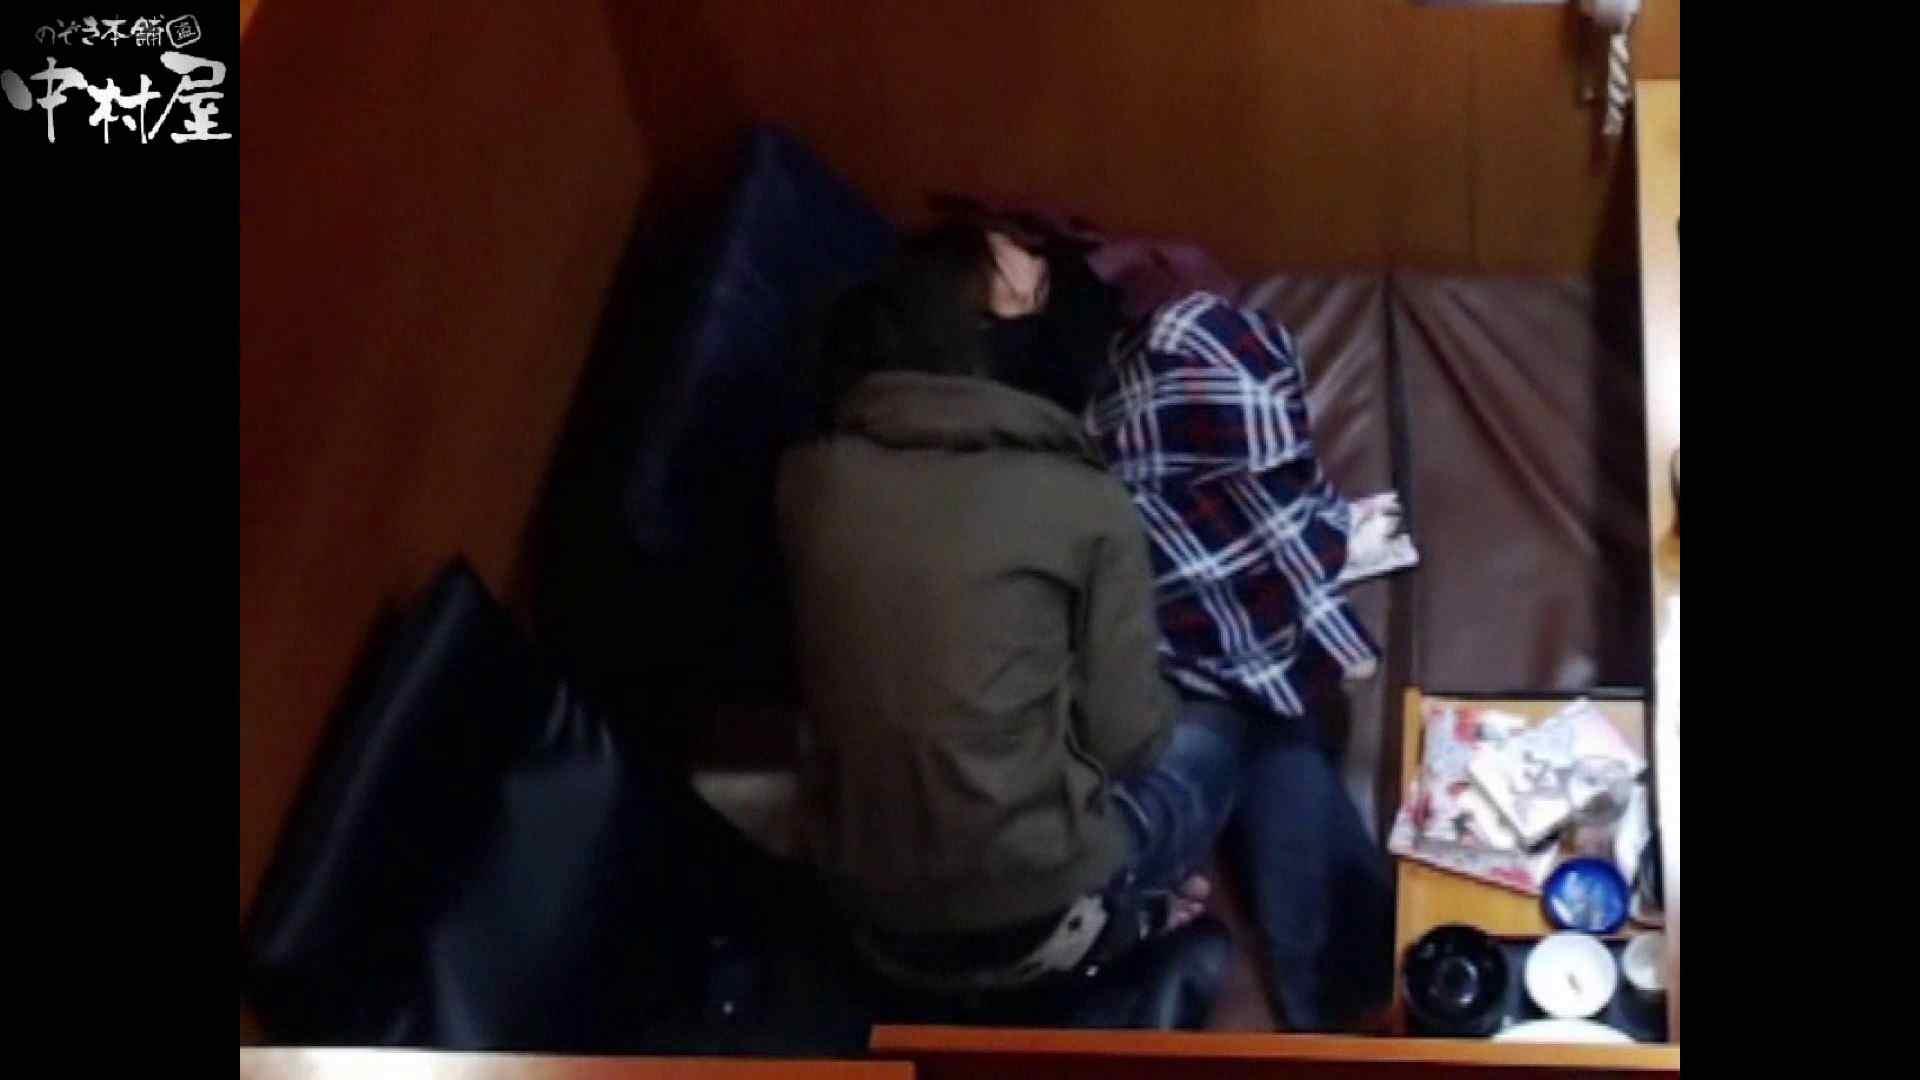 ネットカフェ盗撮師トロントさんの 素人カップル盗撮記vol.4 盗撮 われめAV動画紹介 102連発 101